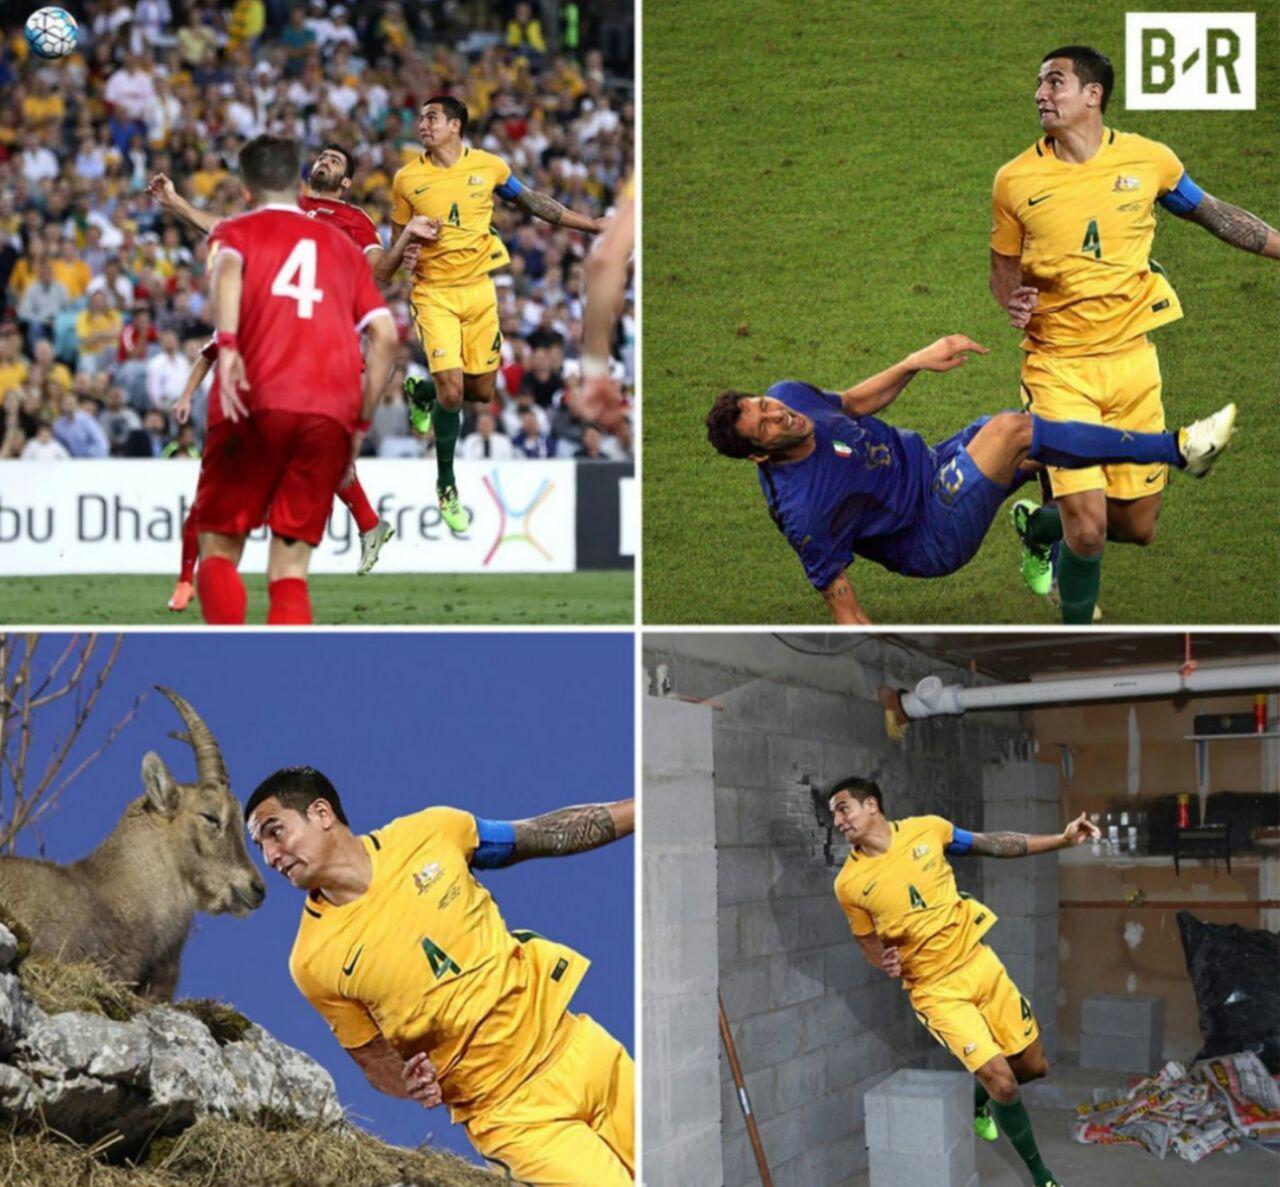 شوخی کاربران فضای مجازی با ضربه سر بازیکن استرالیا+عکس